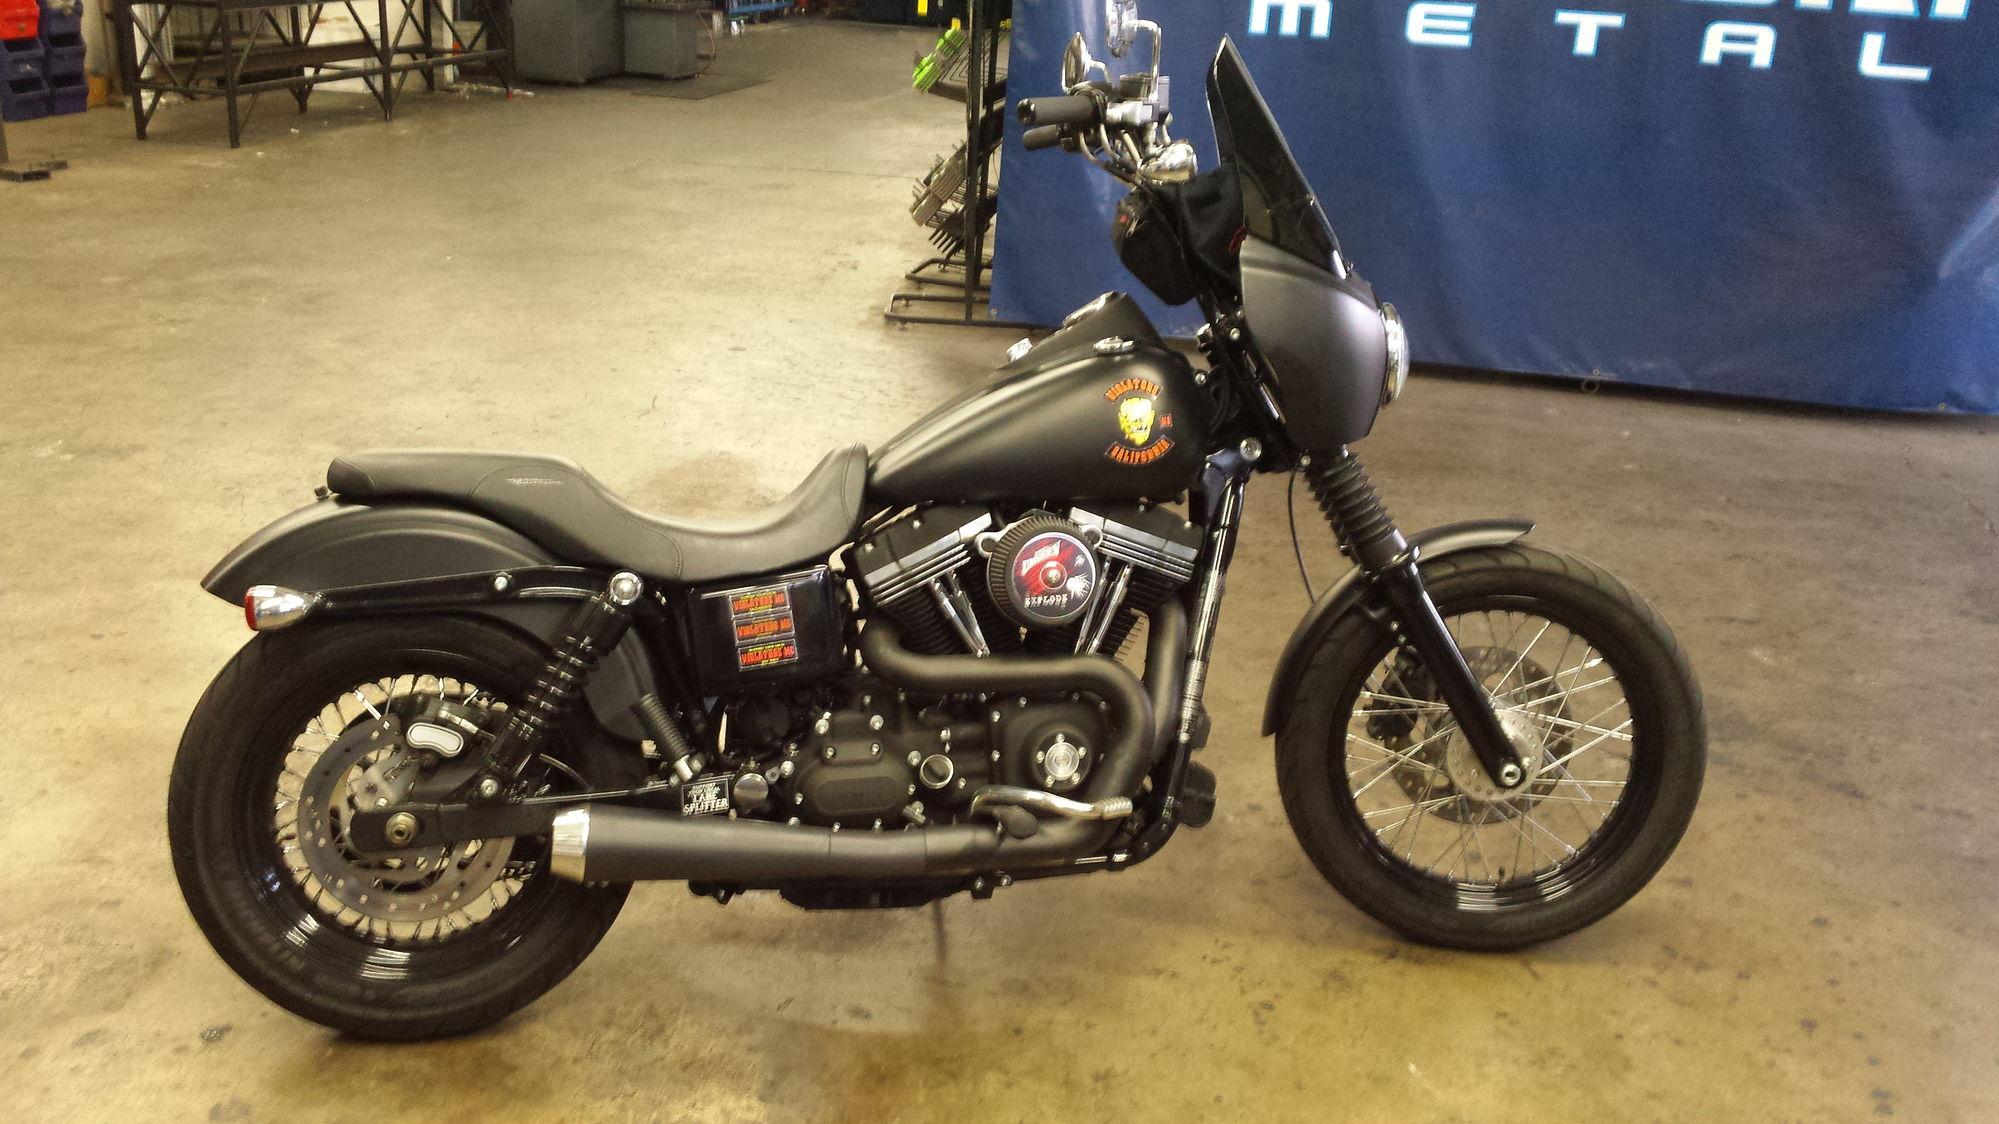 Harley 2007 Rod Rod Street Davidson V